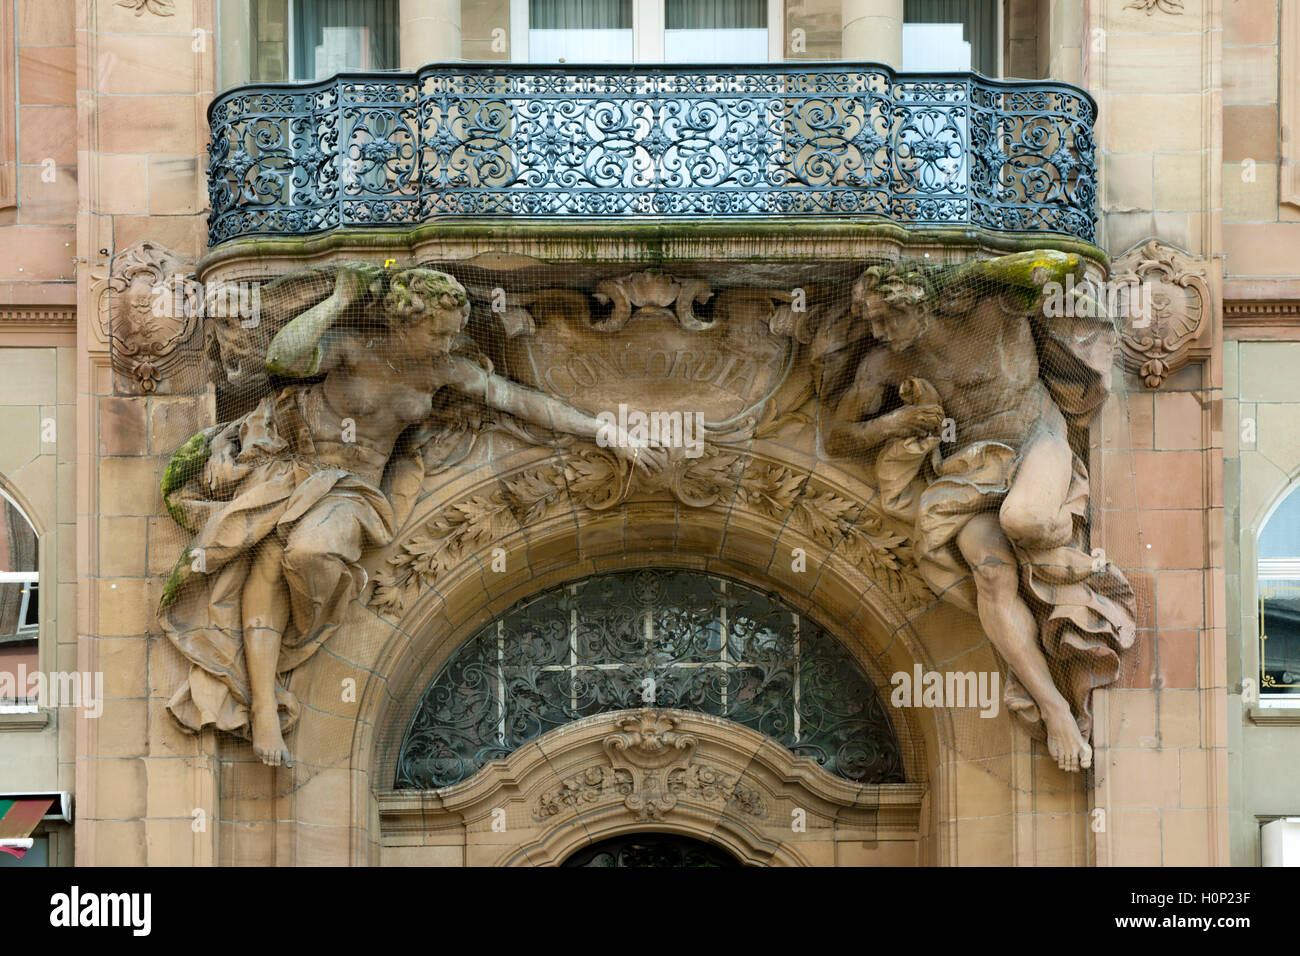 Deutschland, Nordrhein-Westfalen, Wuppertal-Barmen, Johannes-Rau-Platz, Gesellschaftshaus Concordia, Eingangsportal. - Stock Image